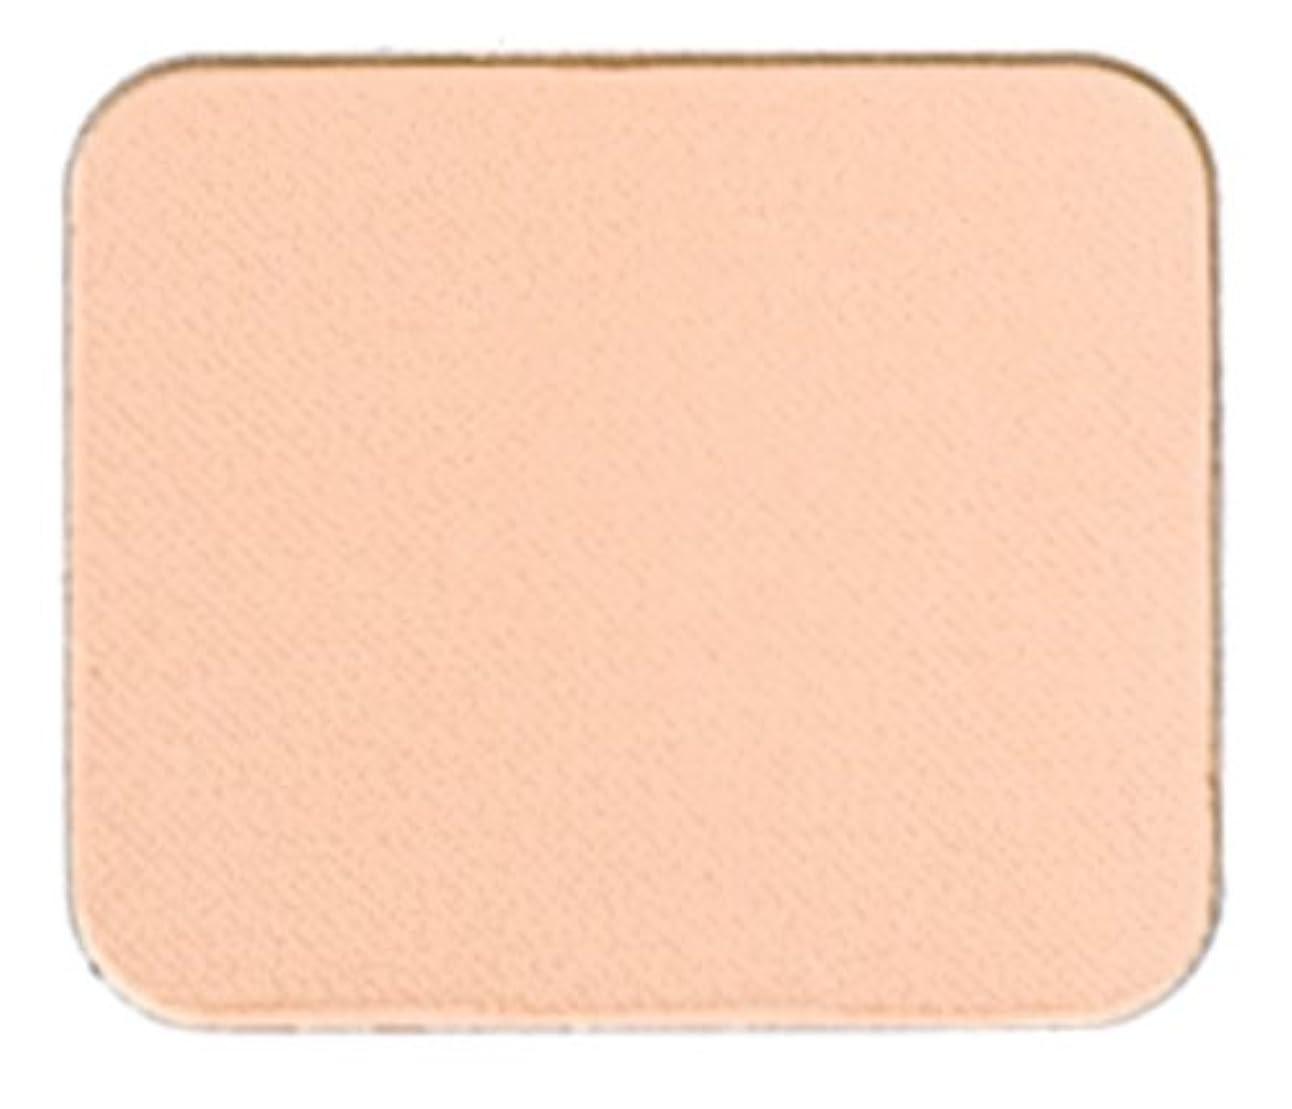 思いやりのある辛いスローガンドクターシーラボ BBパーフェクトファンデーション WHITE377プラス ナチュラル1(明るい肌色) 12g SPF25 PA++